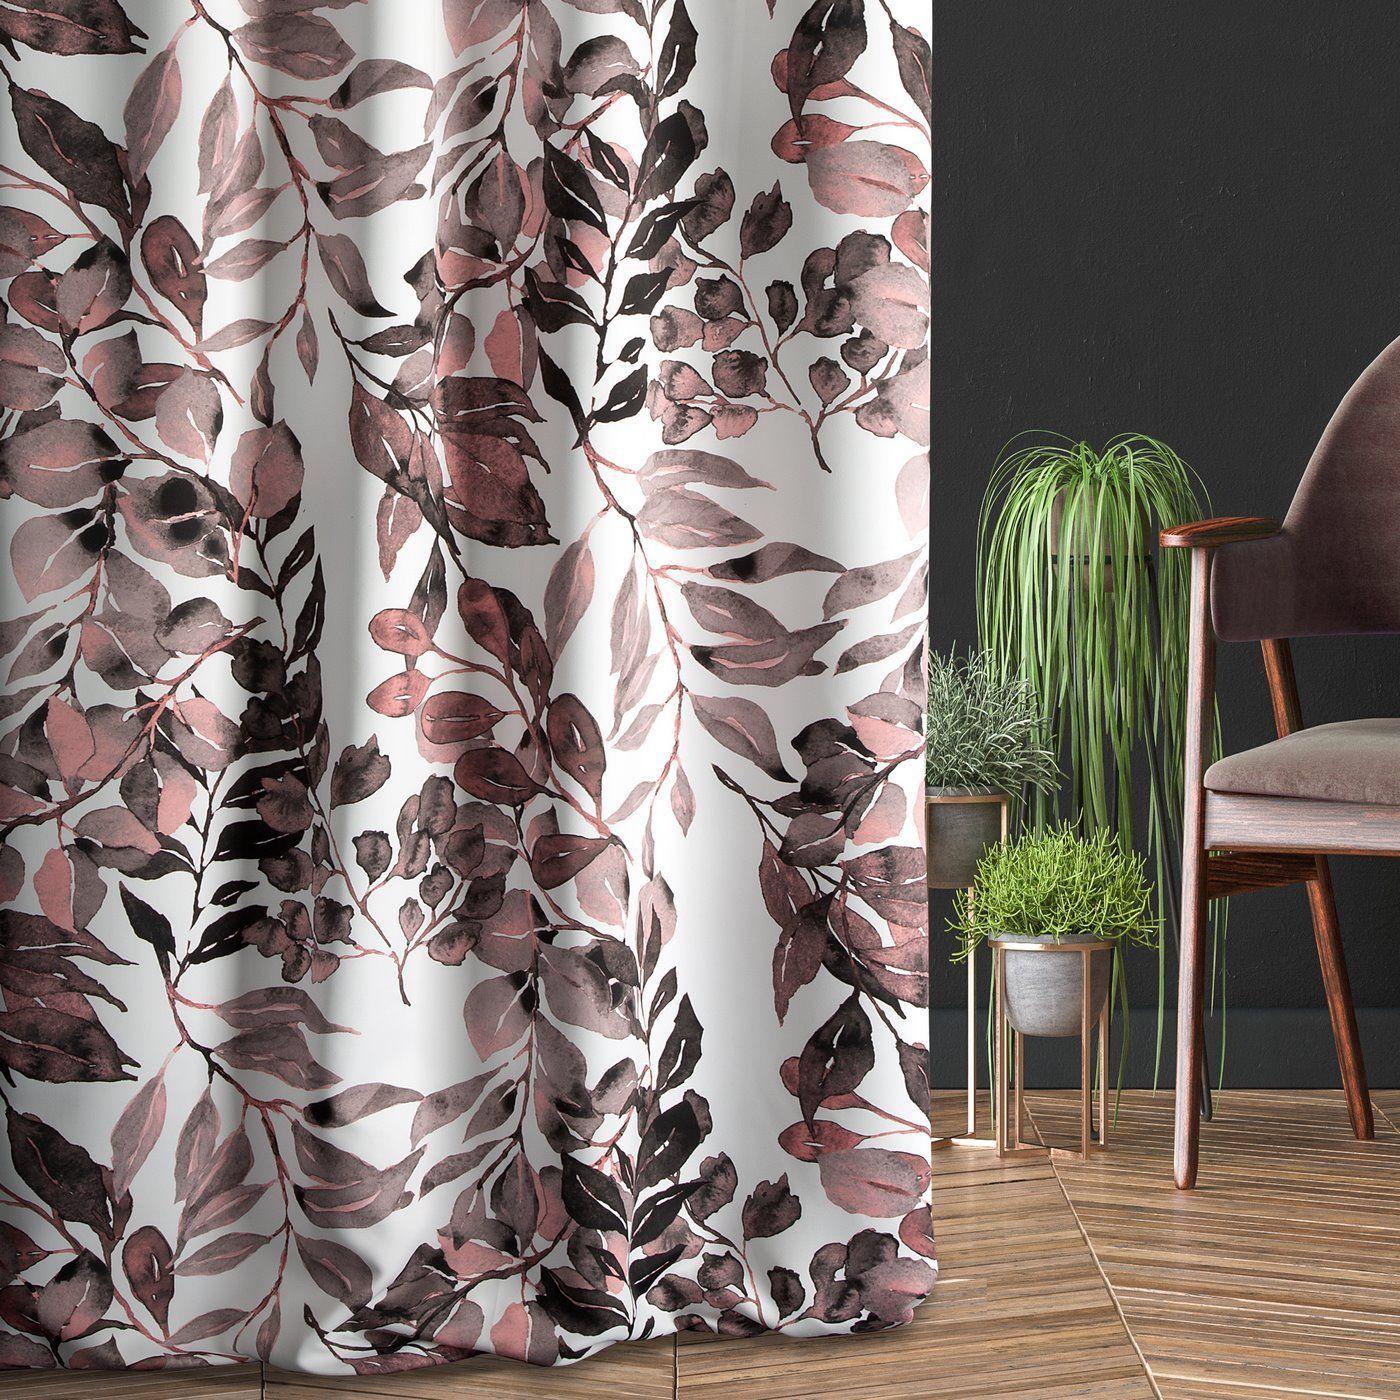 Szycie Zaslon Na Wymiar Kalkulator Szycia Zaslon On Line Eurofirany Com Pl Printed Shower Curtain Curtains Home